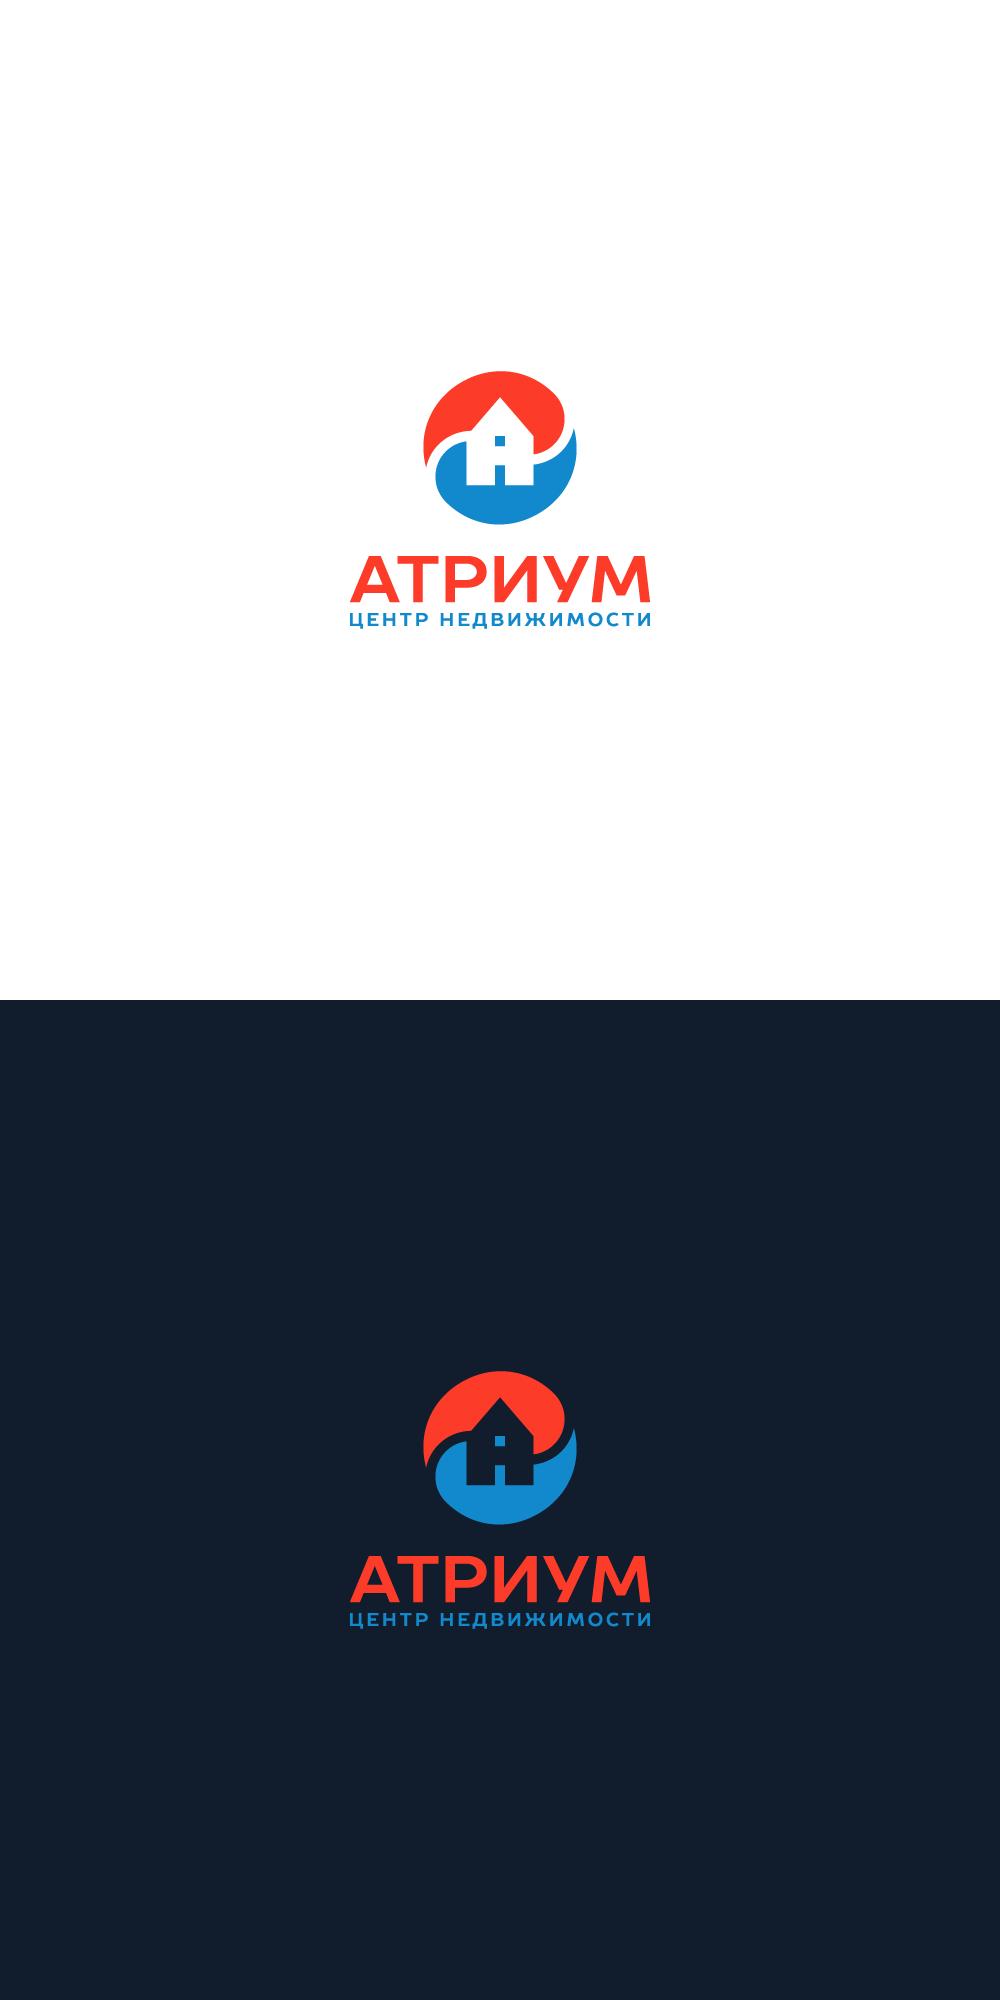 Редизайн / модернизация логотипа Центра недвижимости фото f_3425bc10adcadae8.png